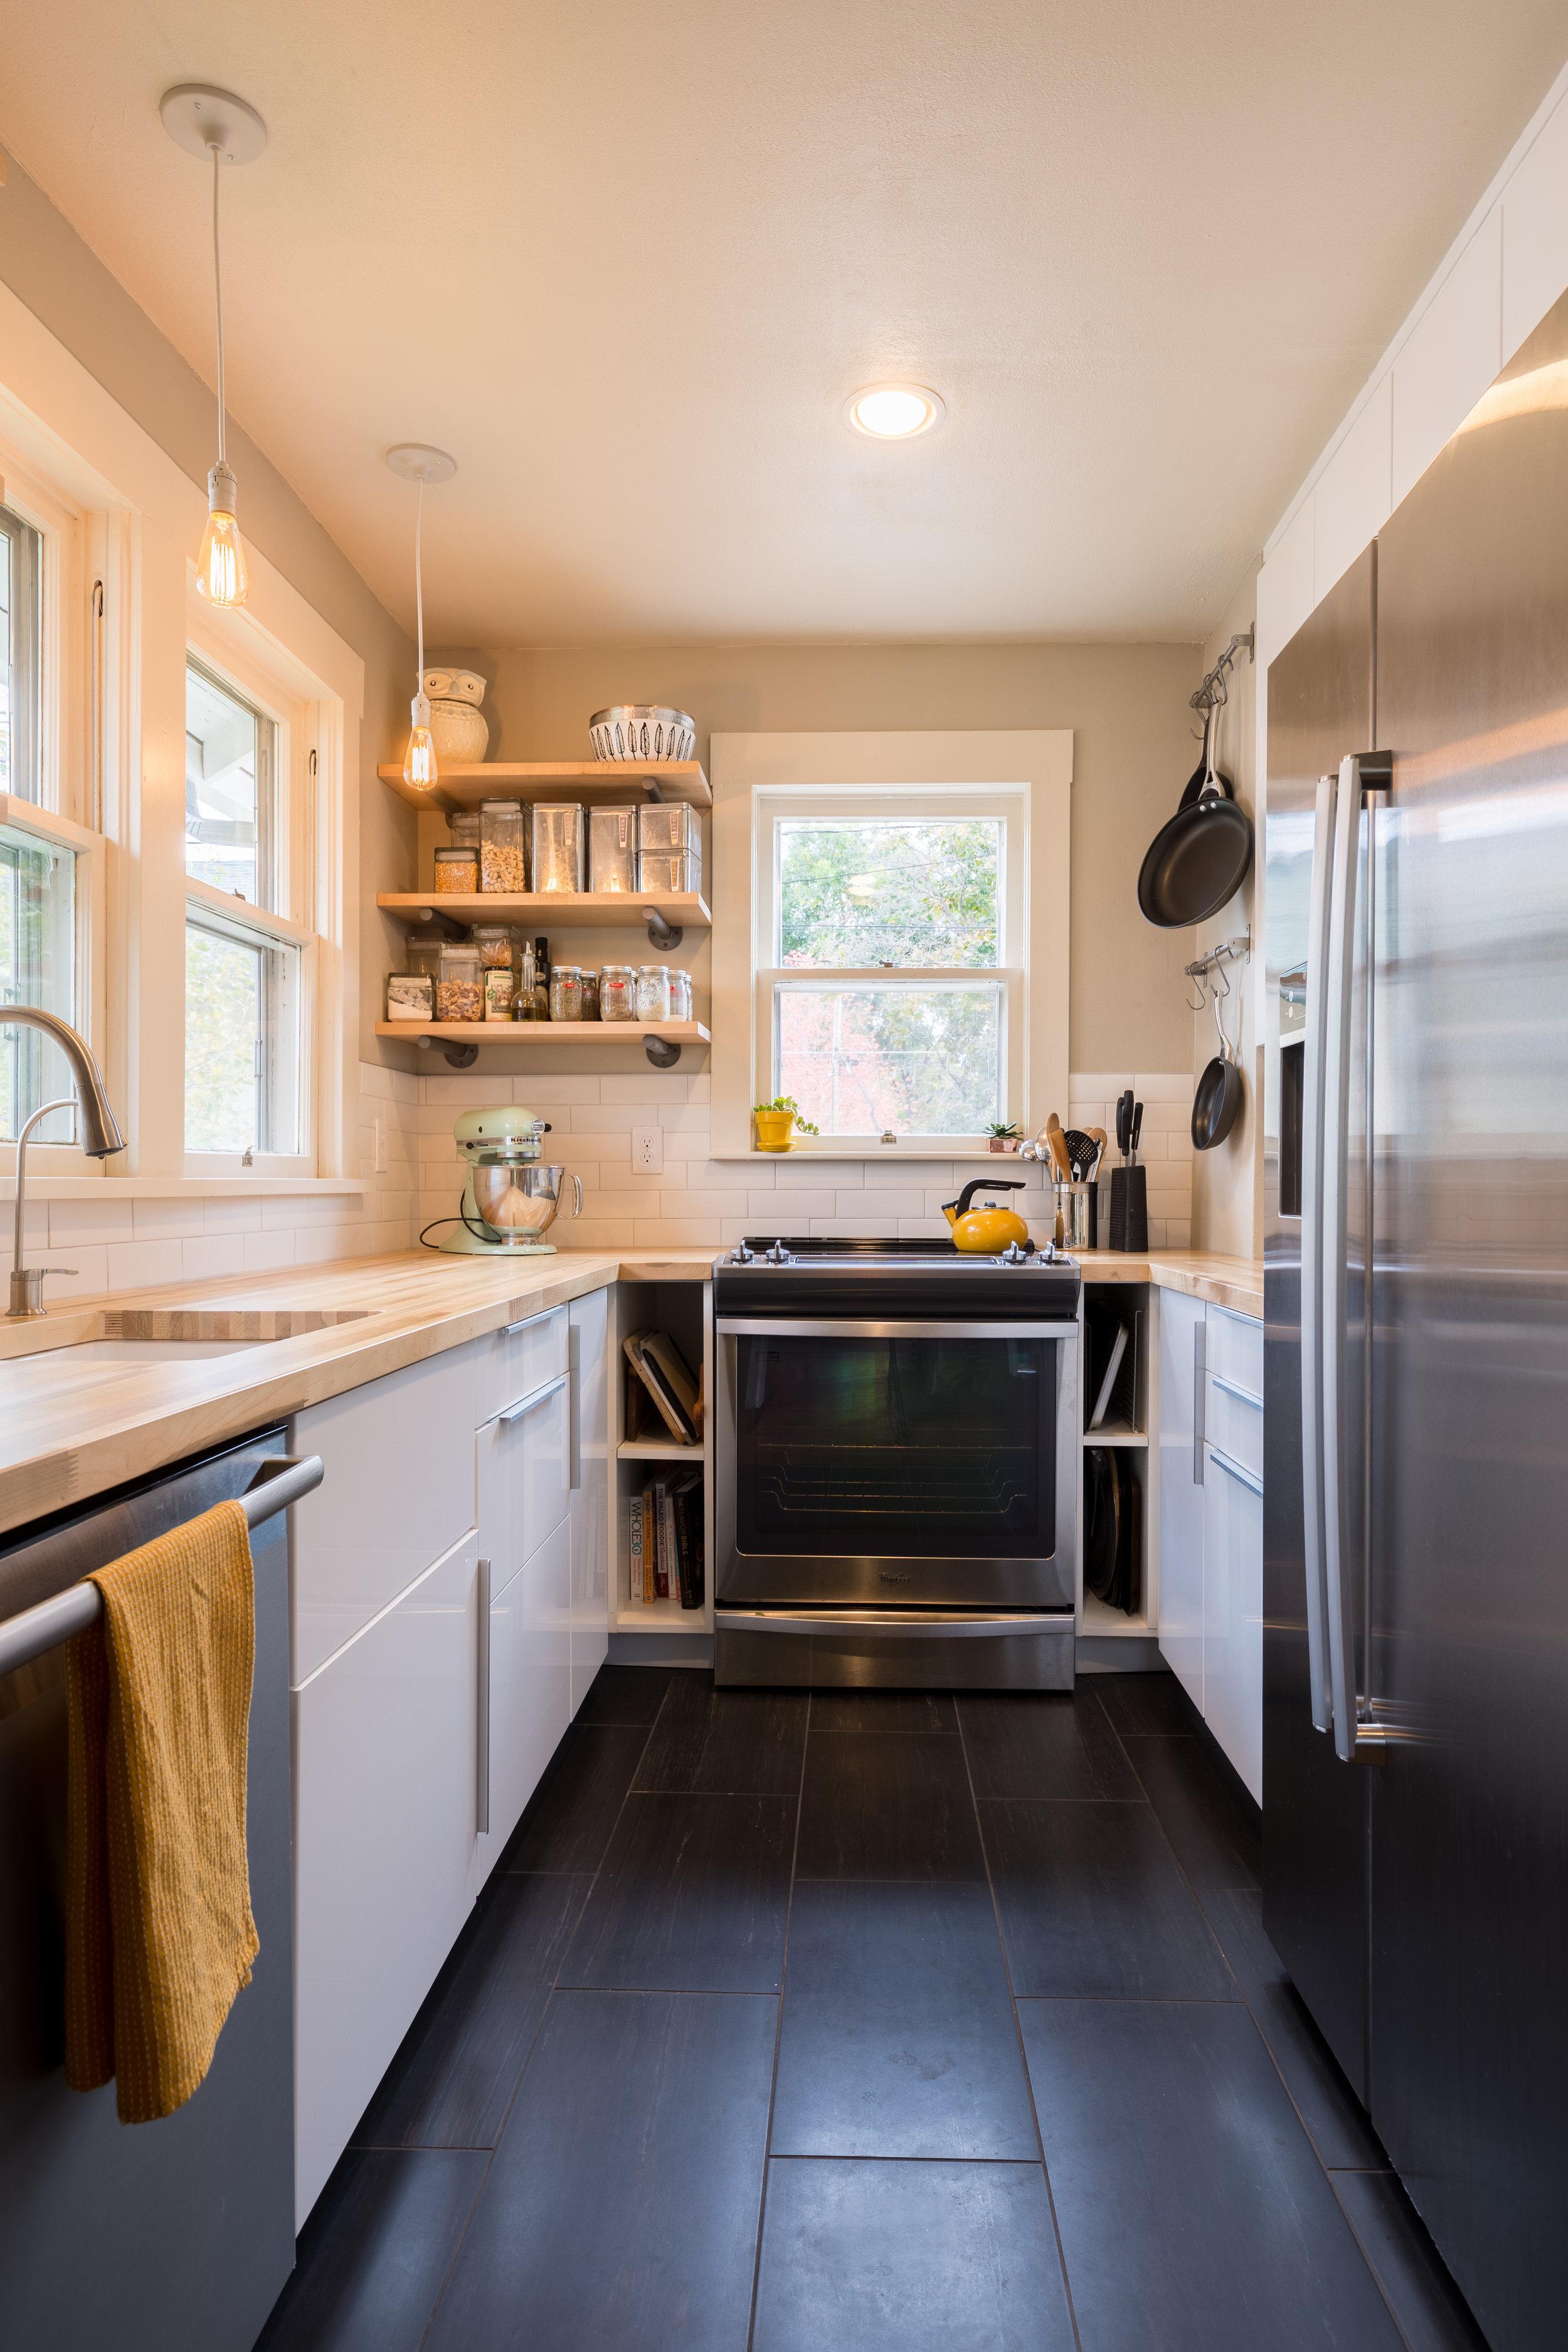 CedarSt Kitchen 01.jpg